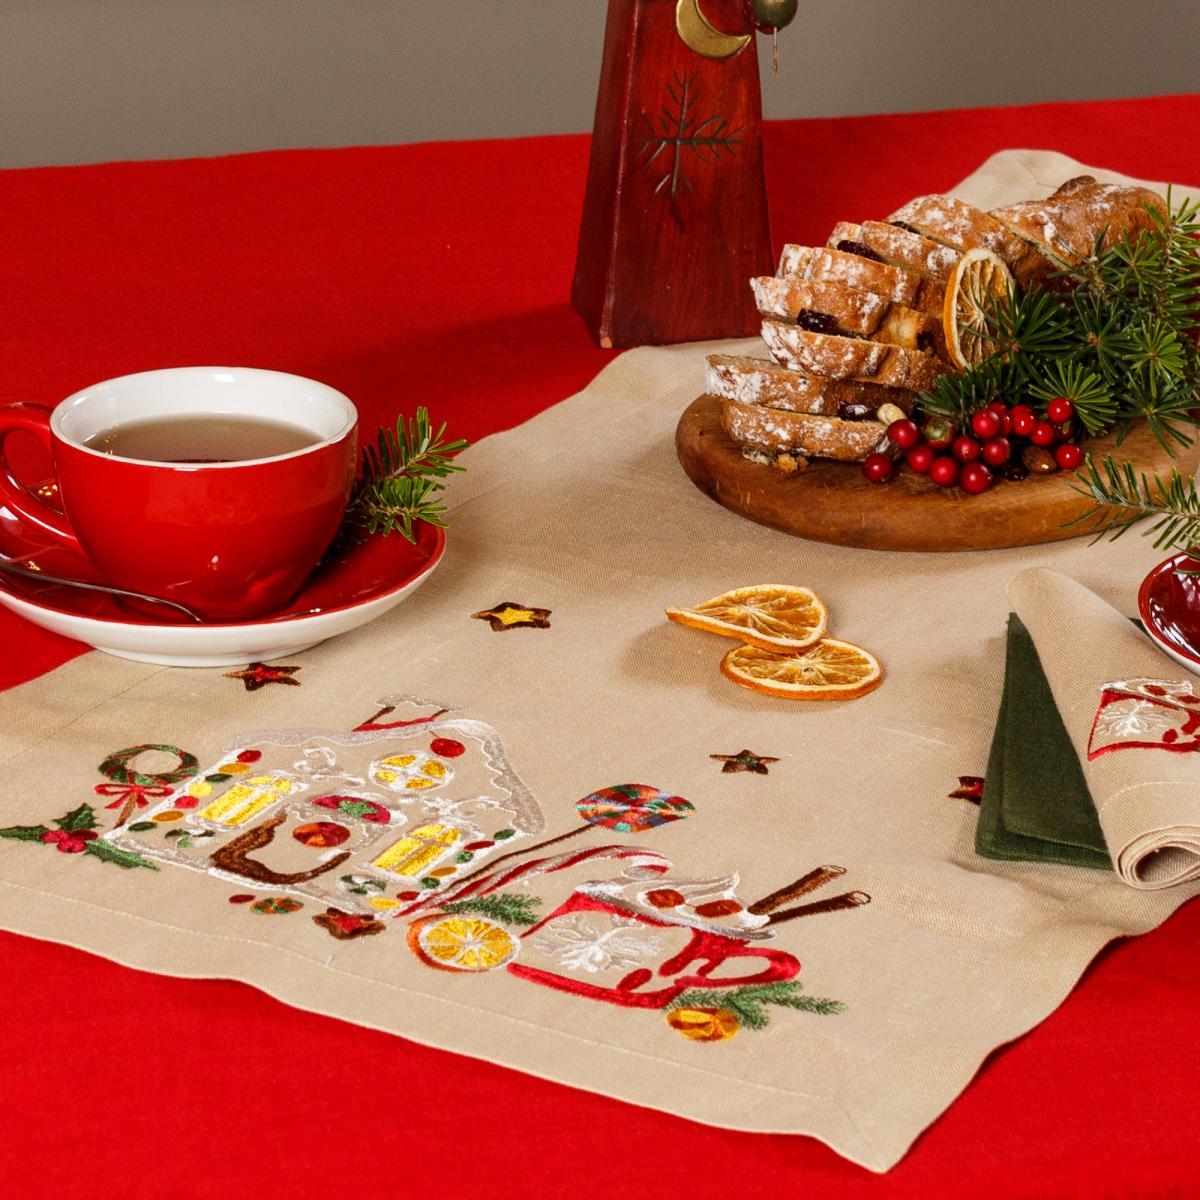 Linen runner on the table   taste of Christmas